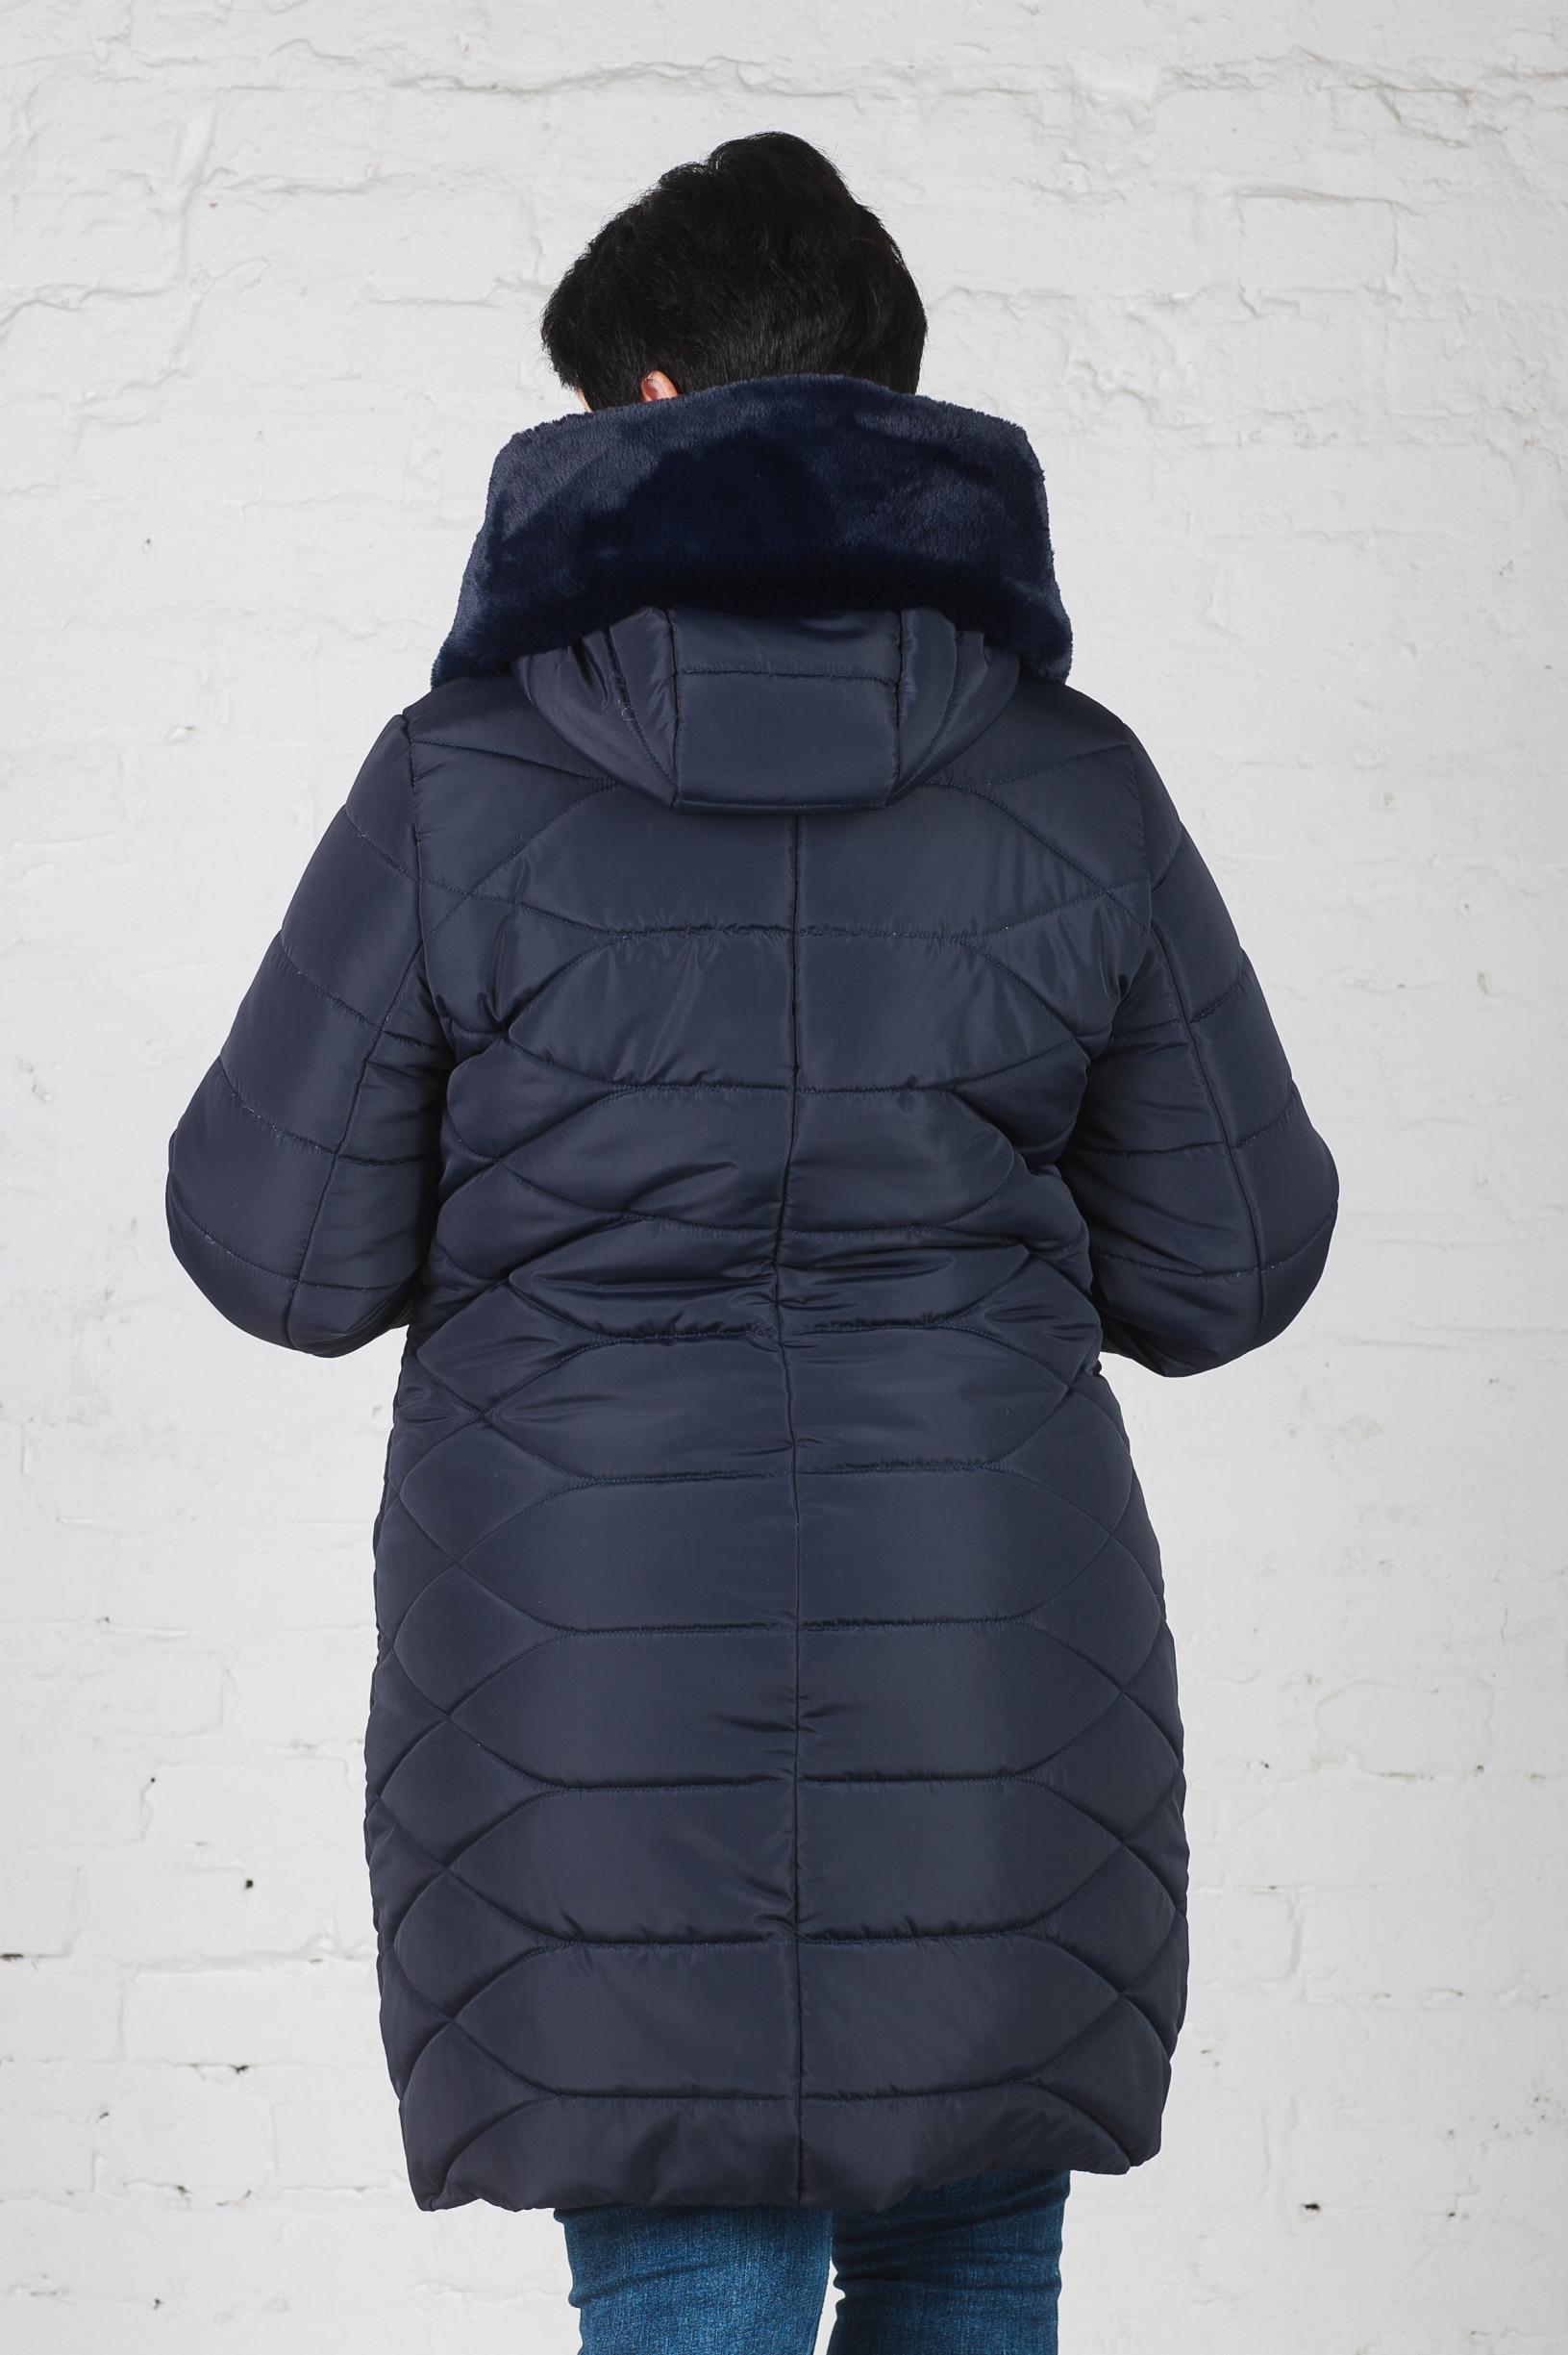 Зимняя женская куртка Слава синяя